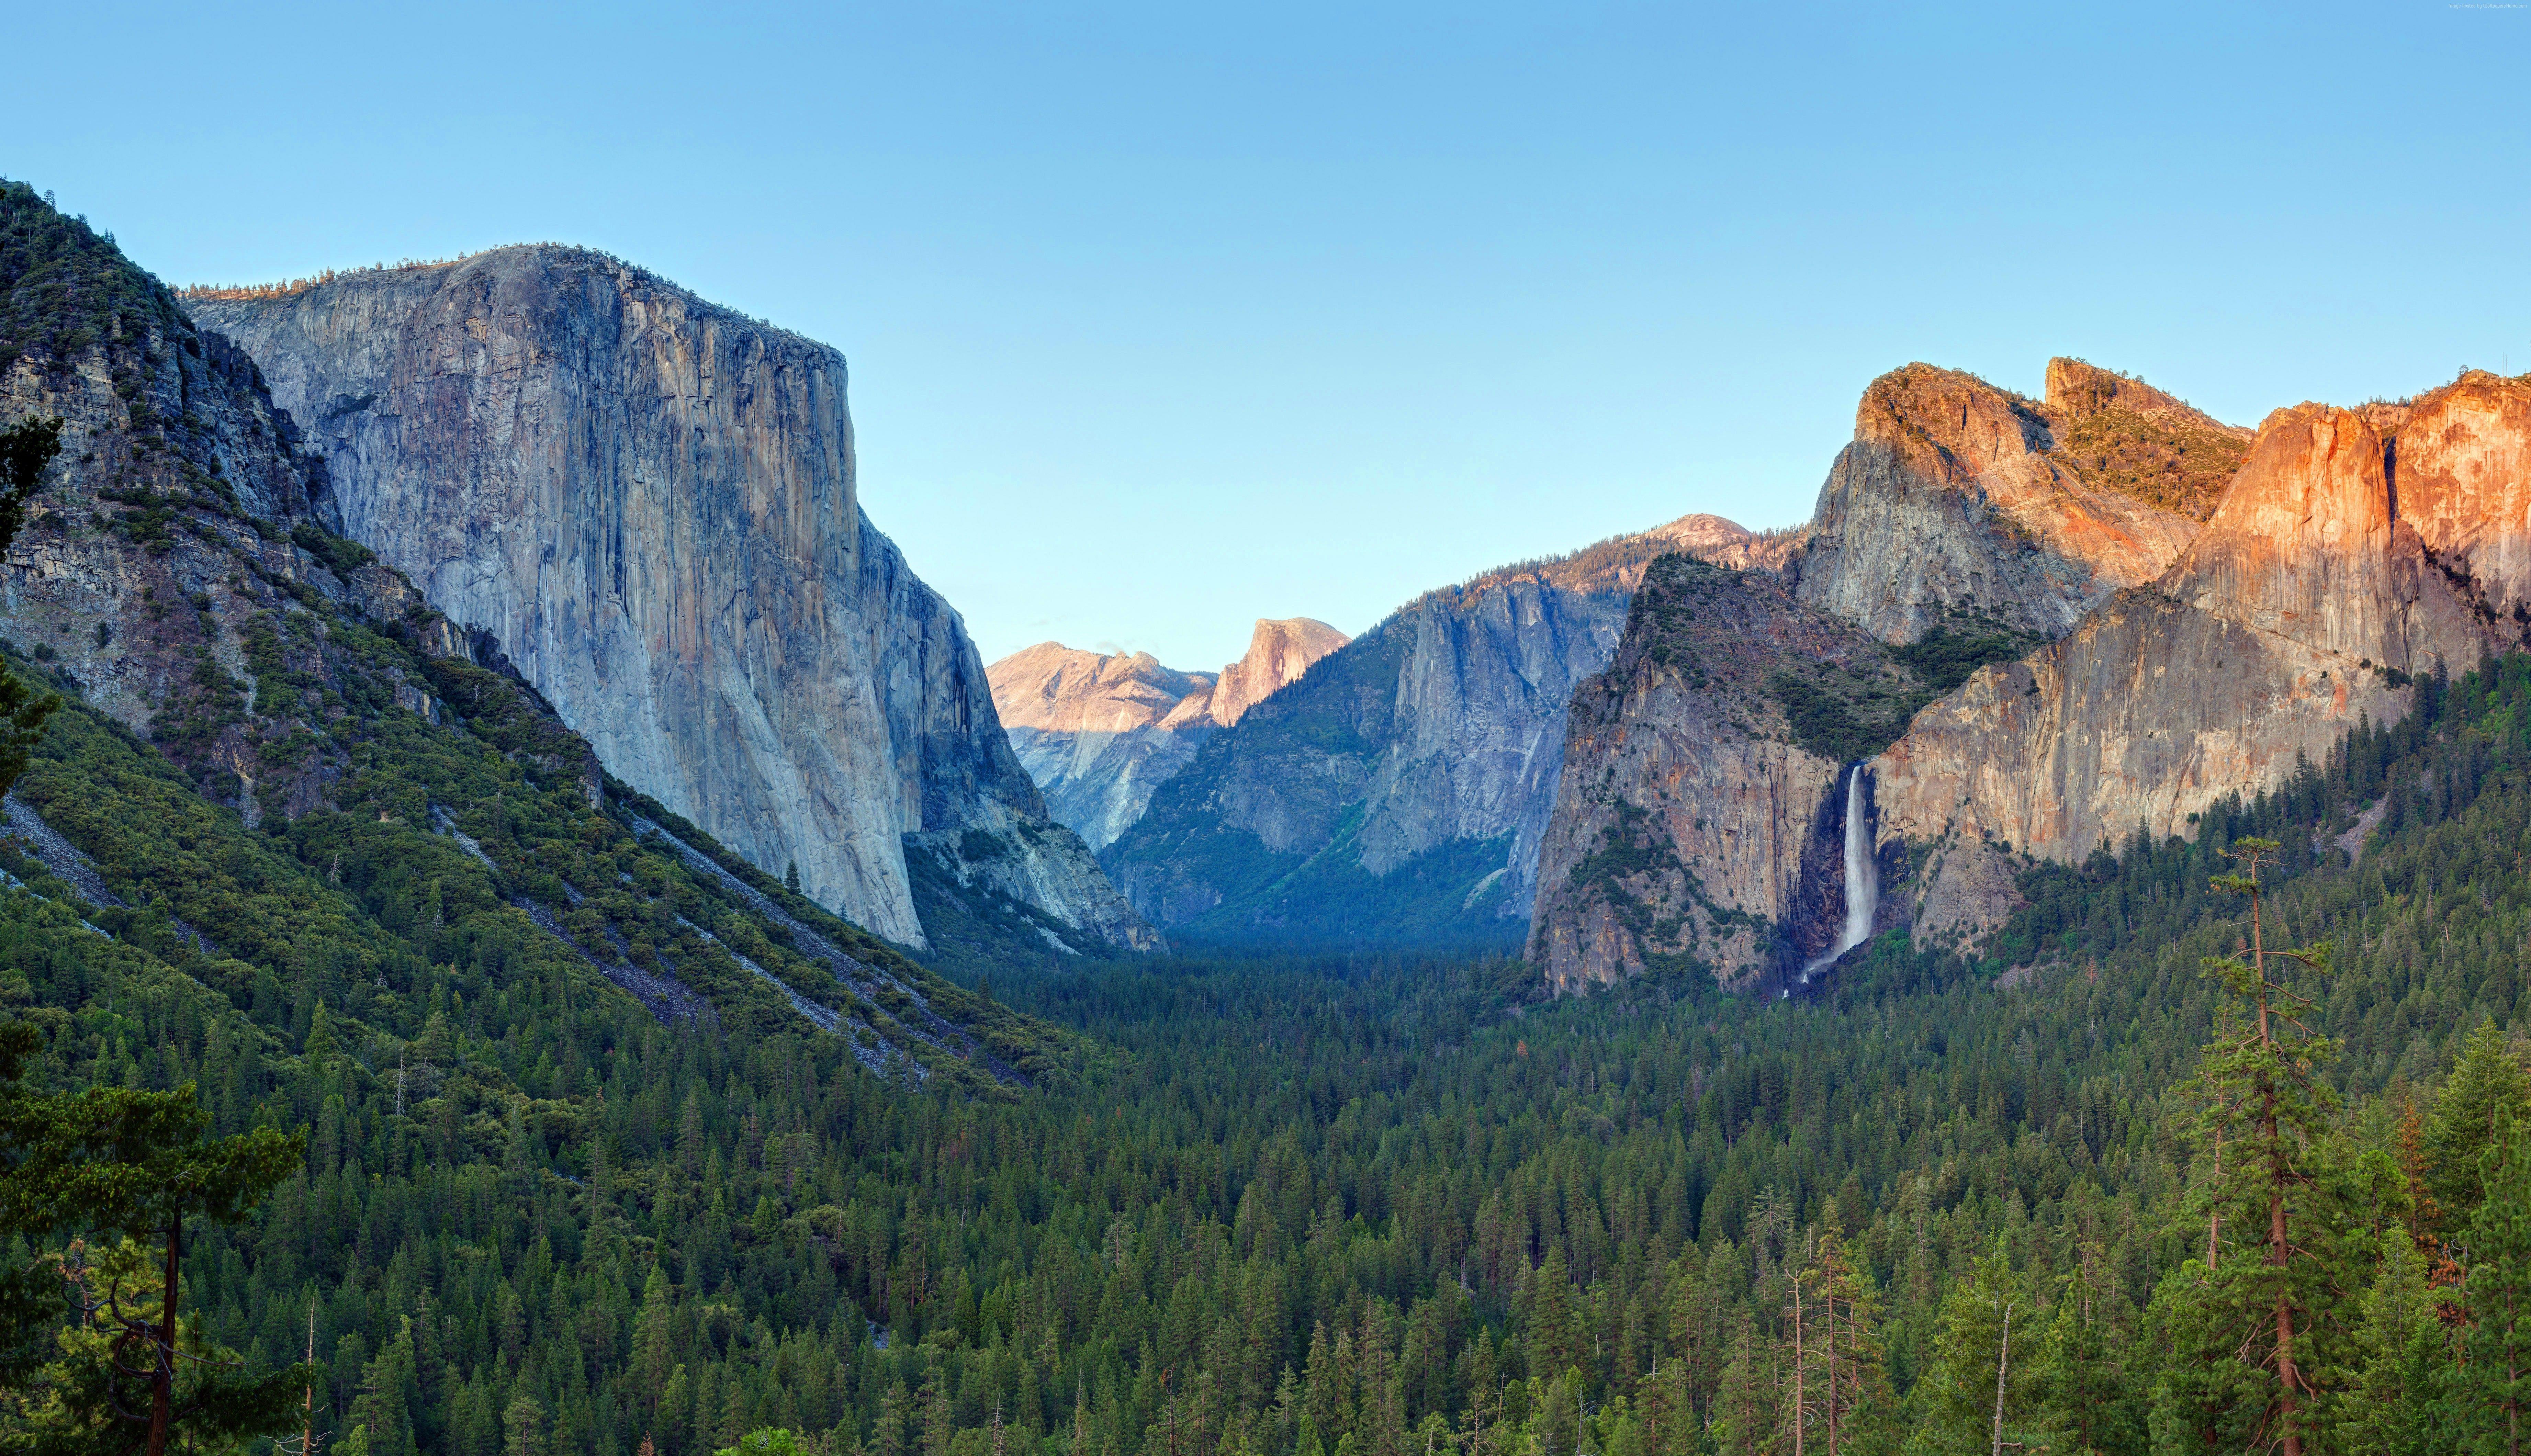 Apple veröffentlicht aktualisierte macOS High Sierra Beta